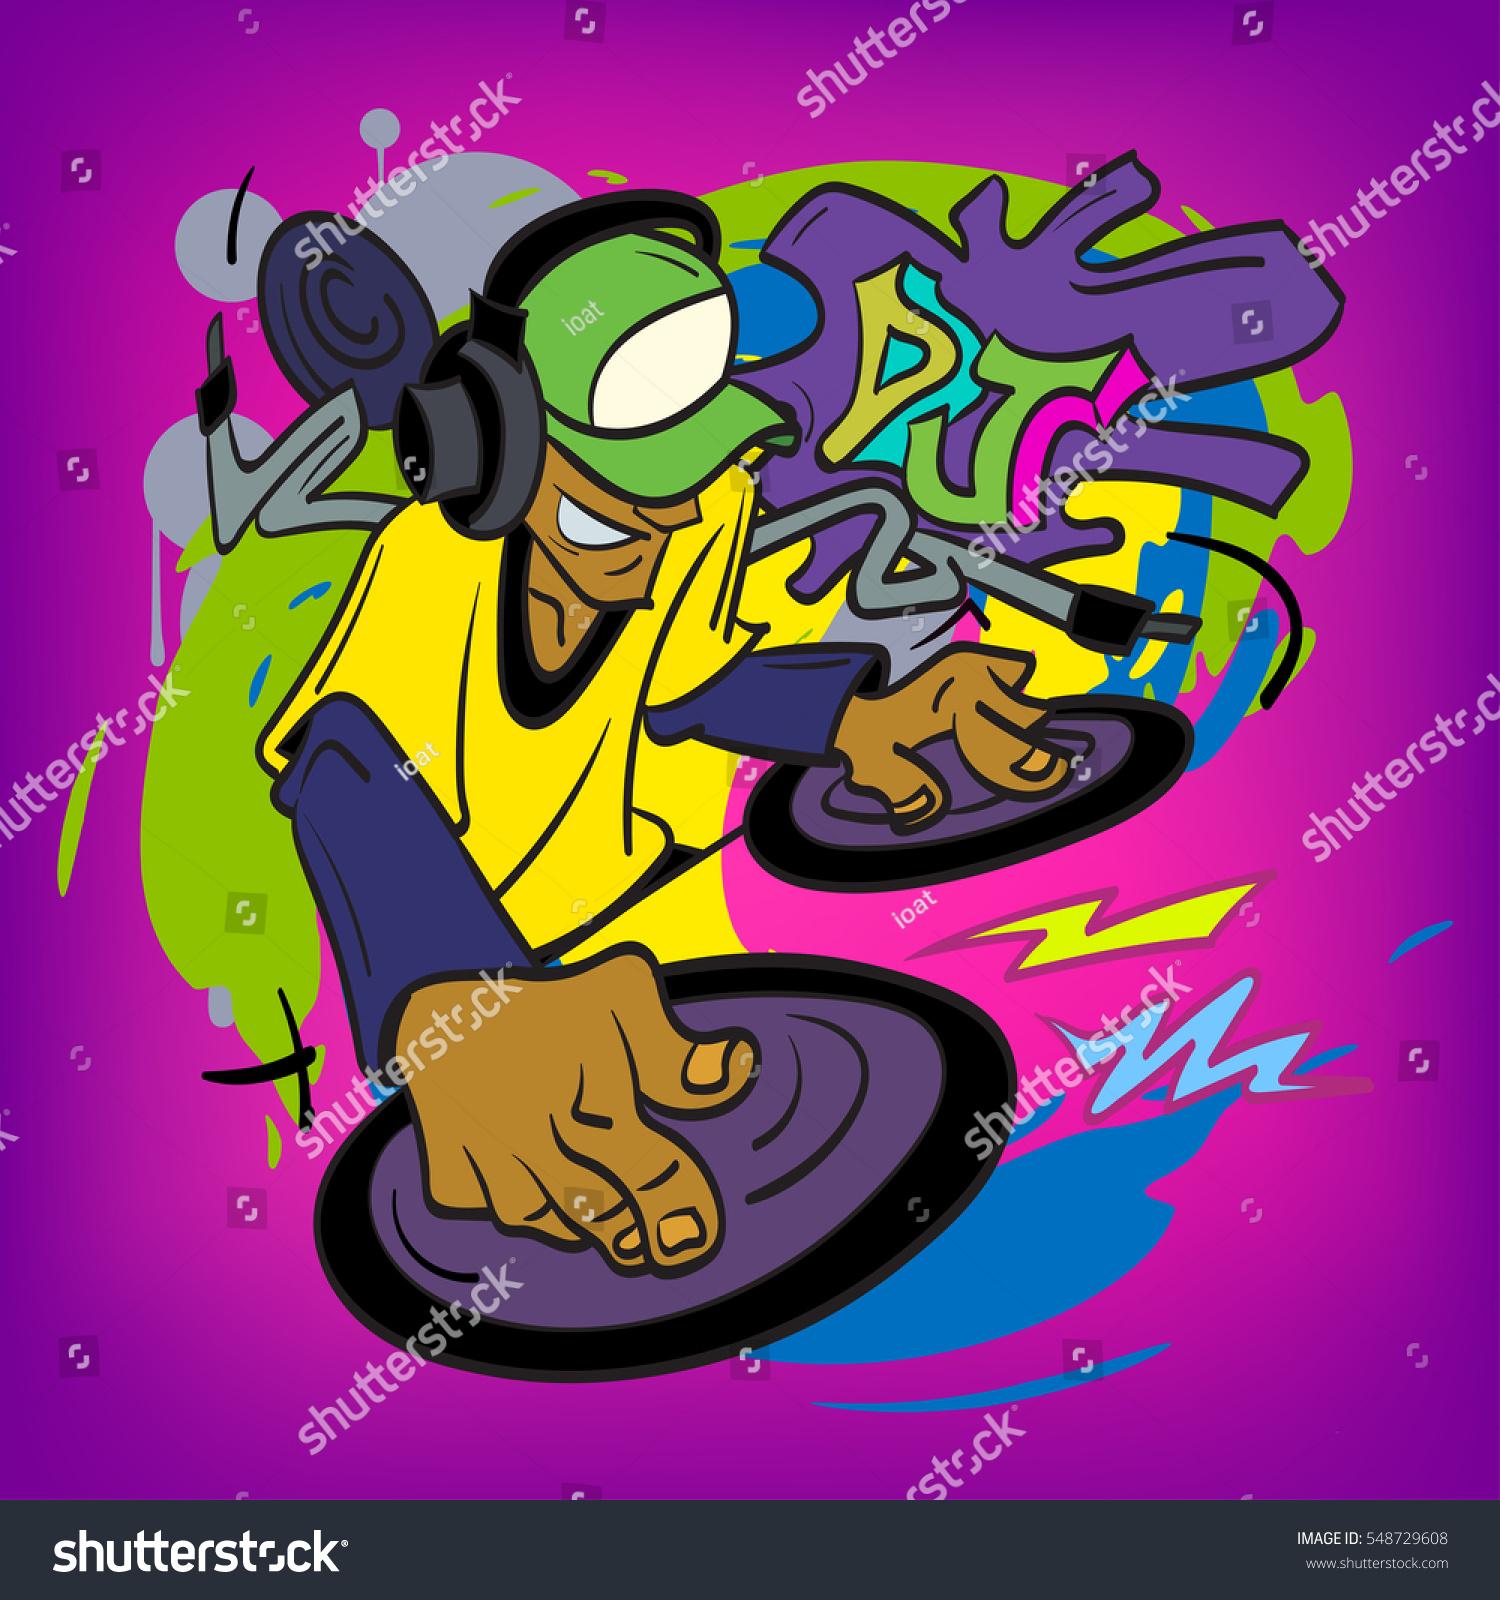 Dj Mixer Graffiti Vector Illustration Stock Vector